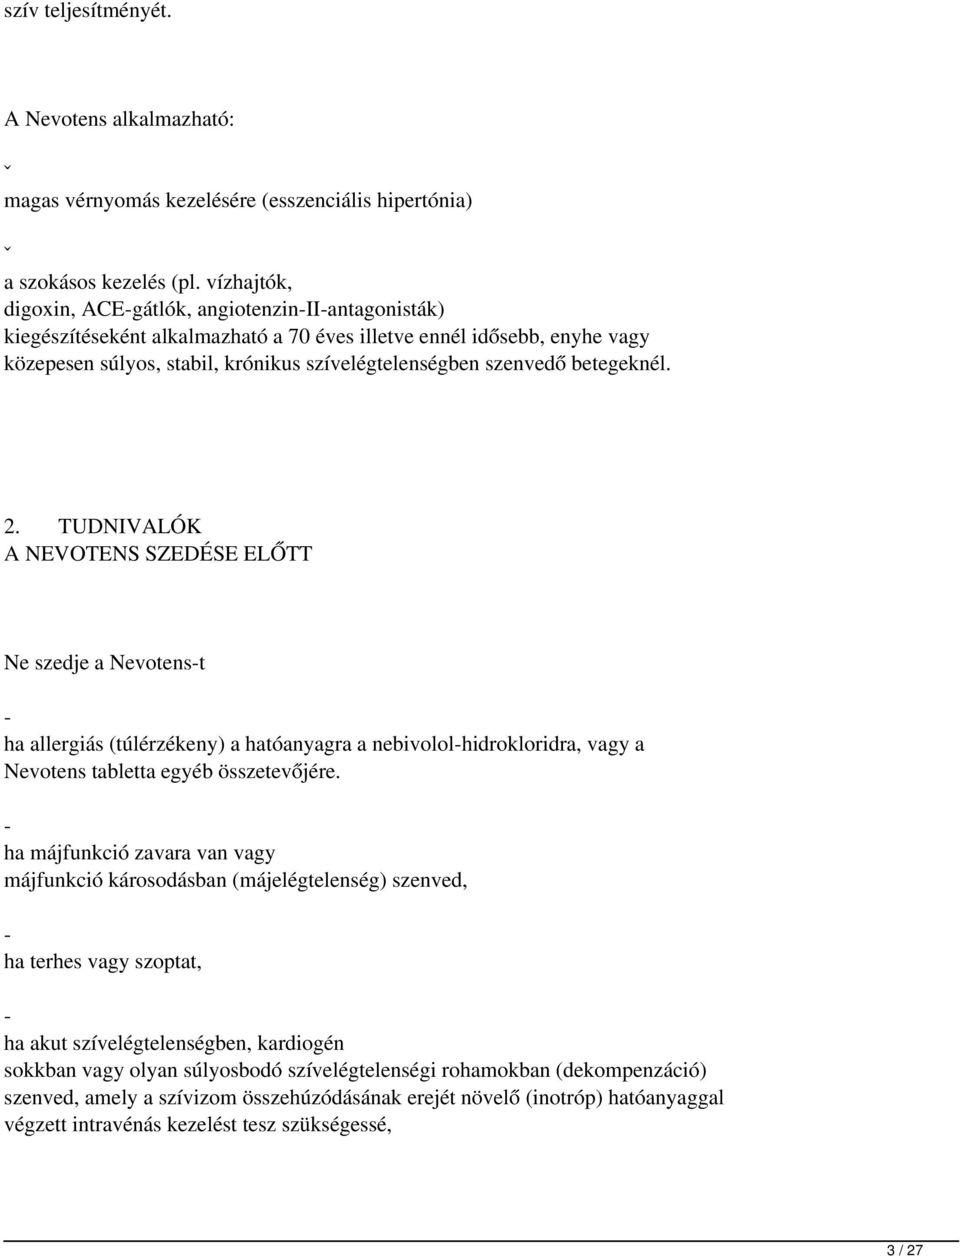 magas vérnyomás dekompenzáció)